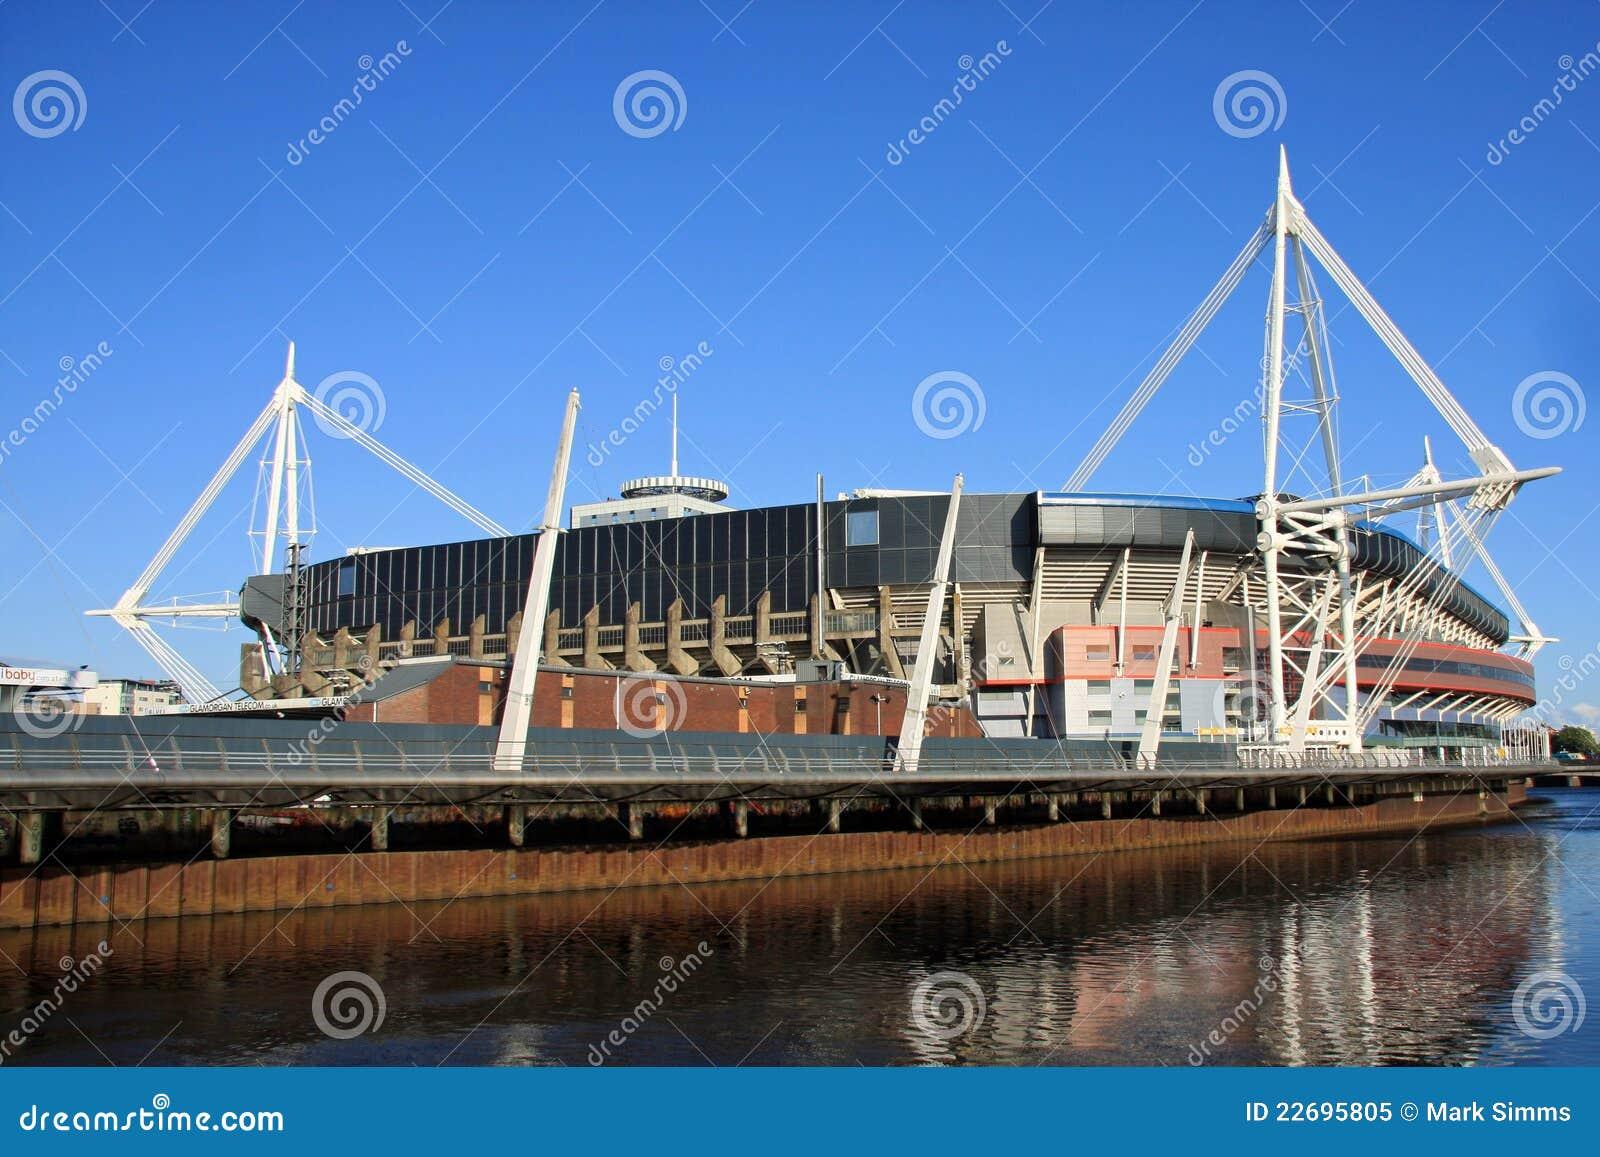 Стадион тысячелетия, Cardiff